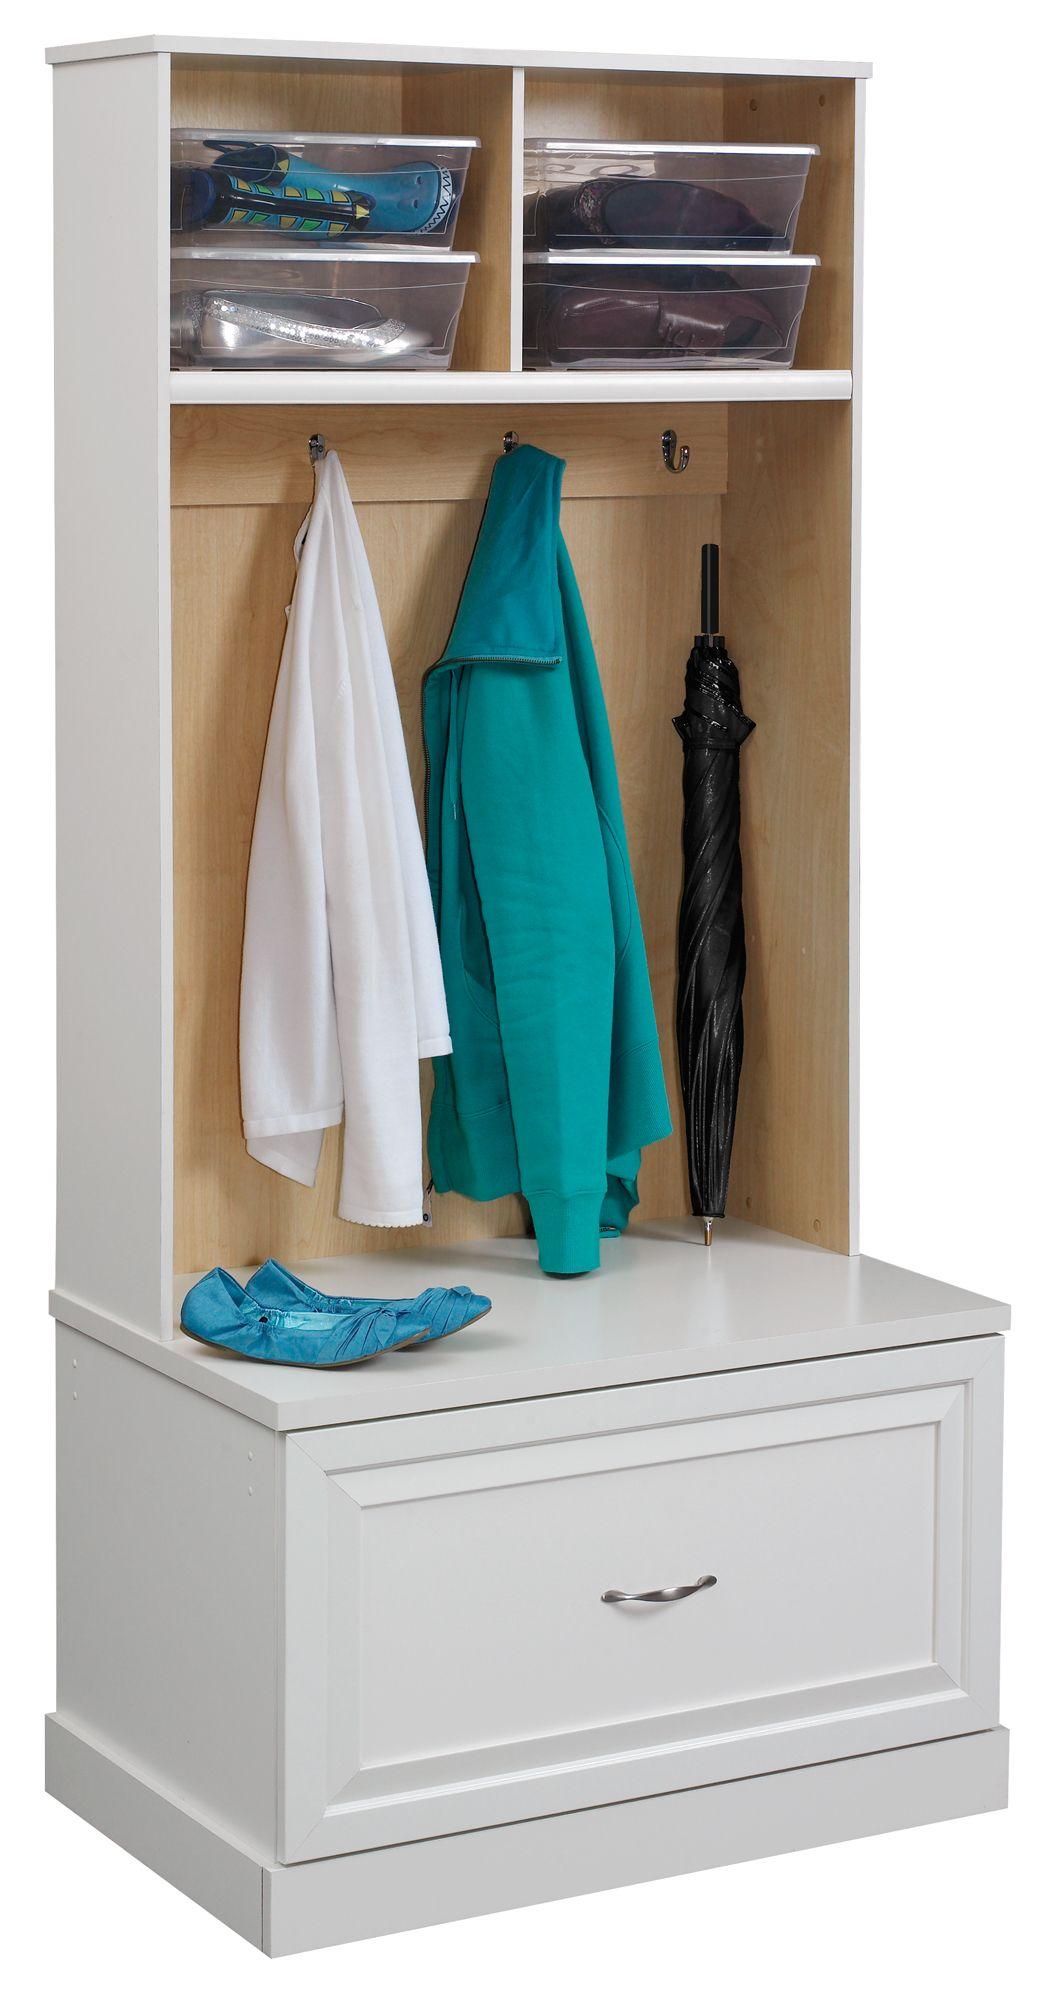 Walmart Furniture Online: Décor Bench, Storage & Organization